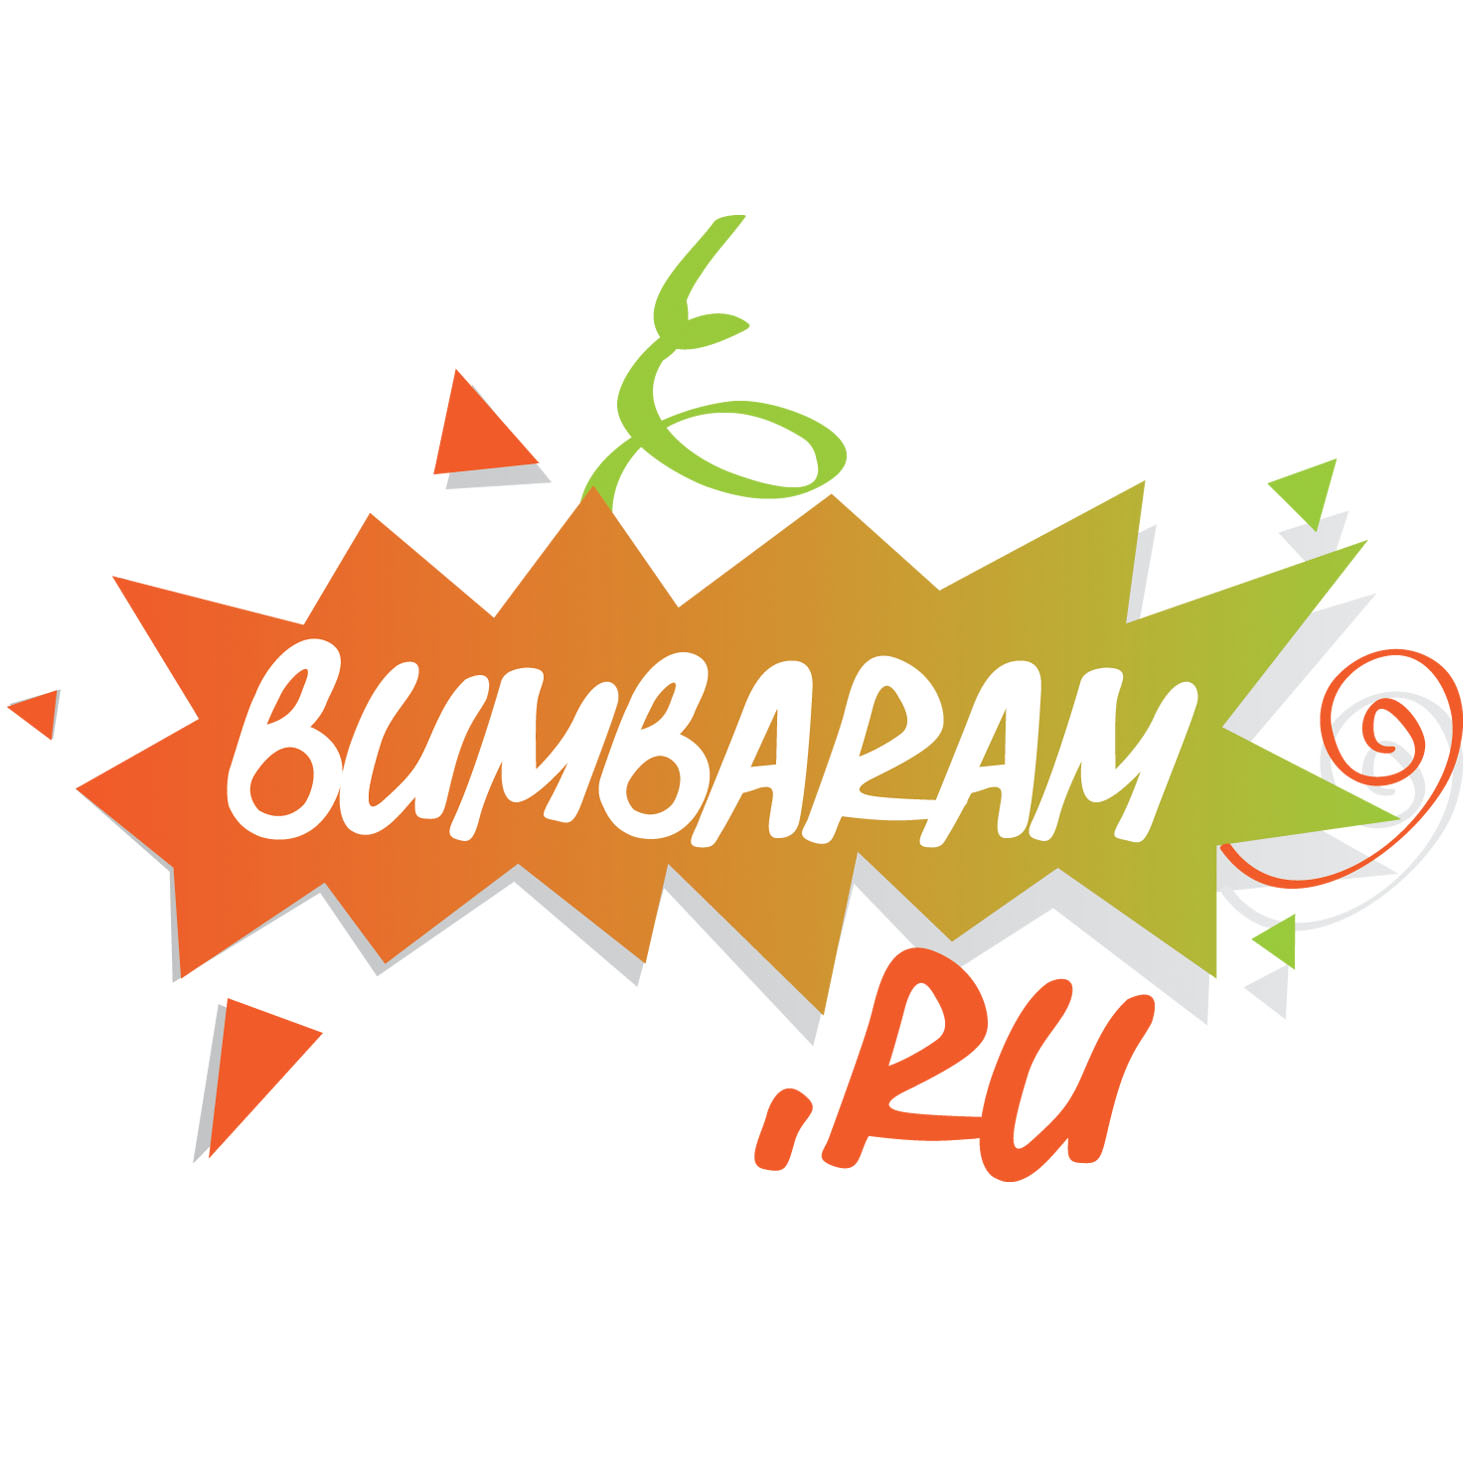 Работа в компании «Бумбарам, ООО» в Москвы